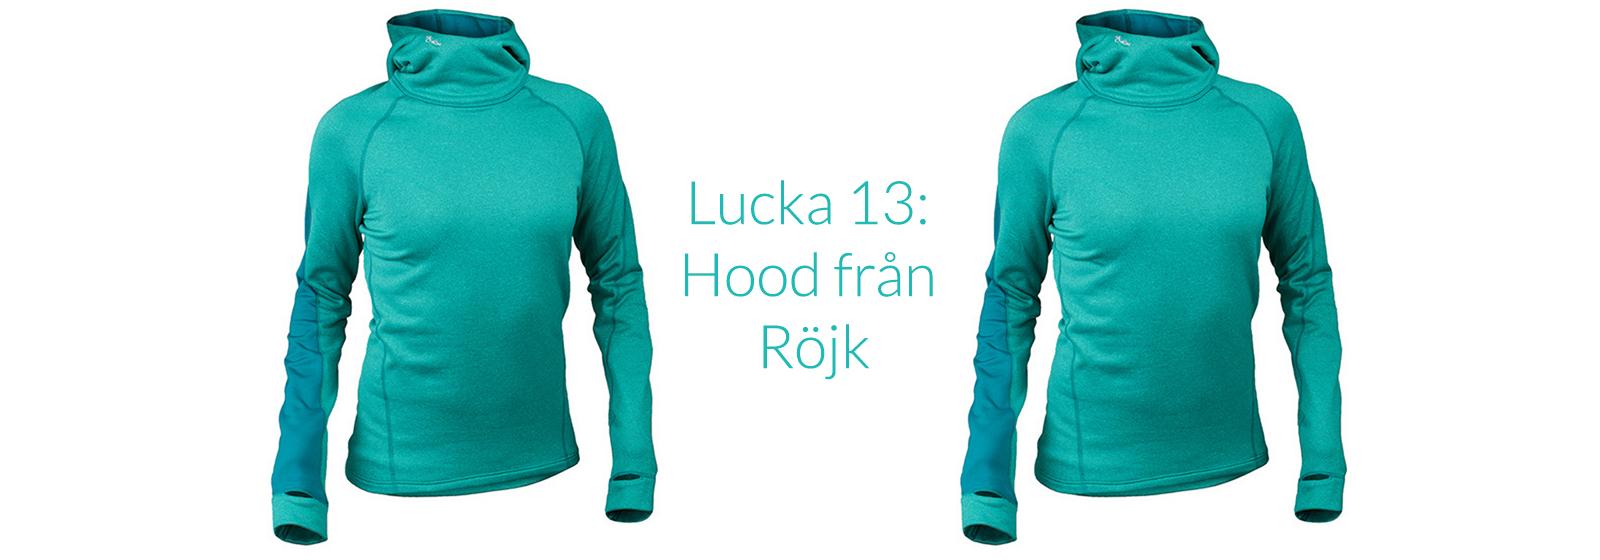 Lucka 13: Vinn hoodie från Röjk + vinnare i julkalendern